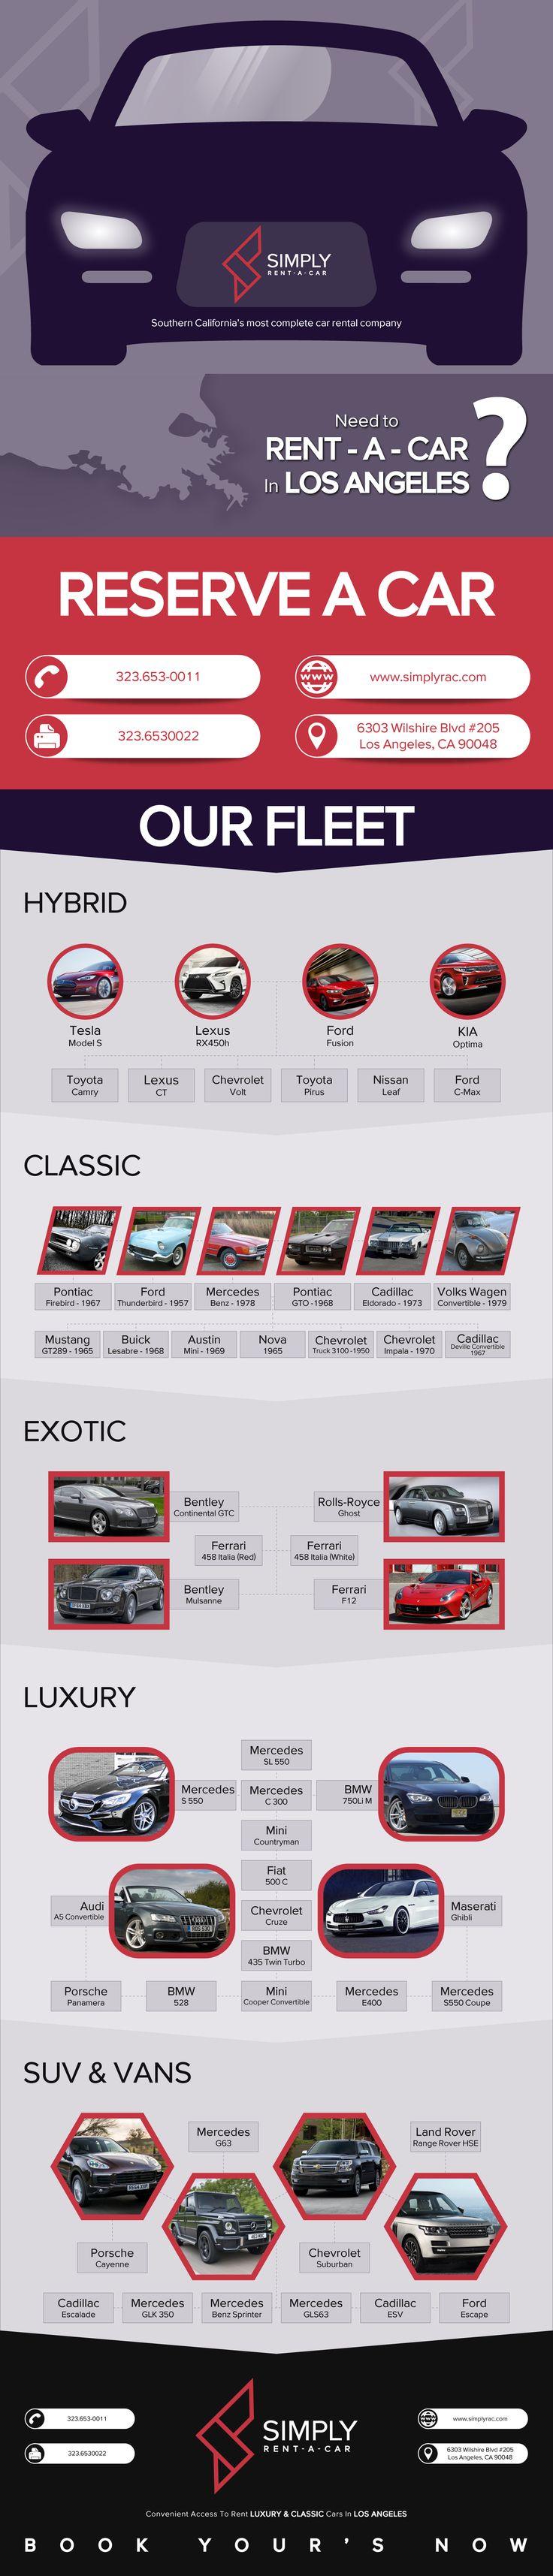 luxury car rental los angeles